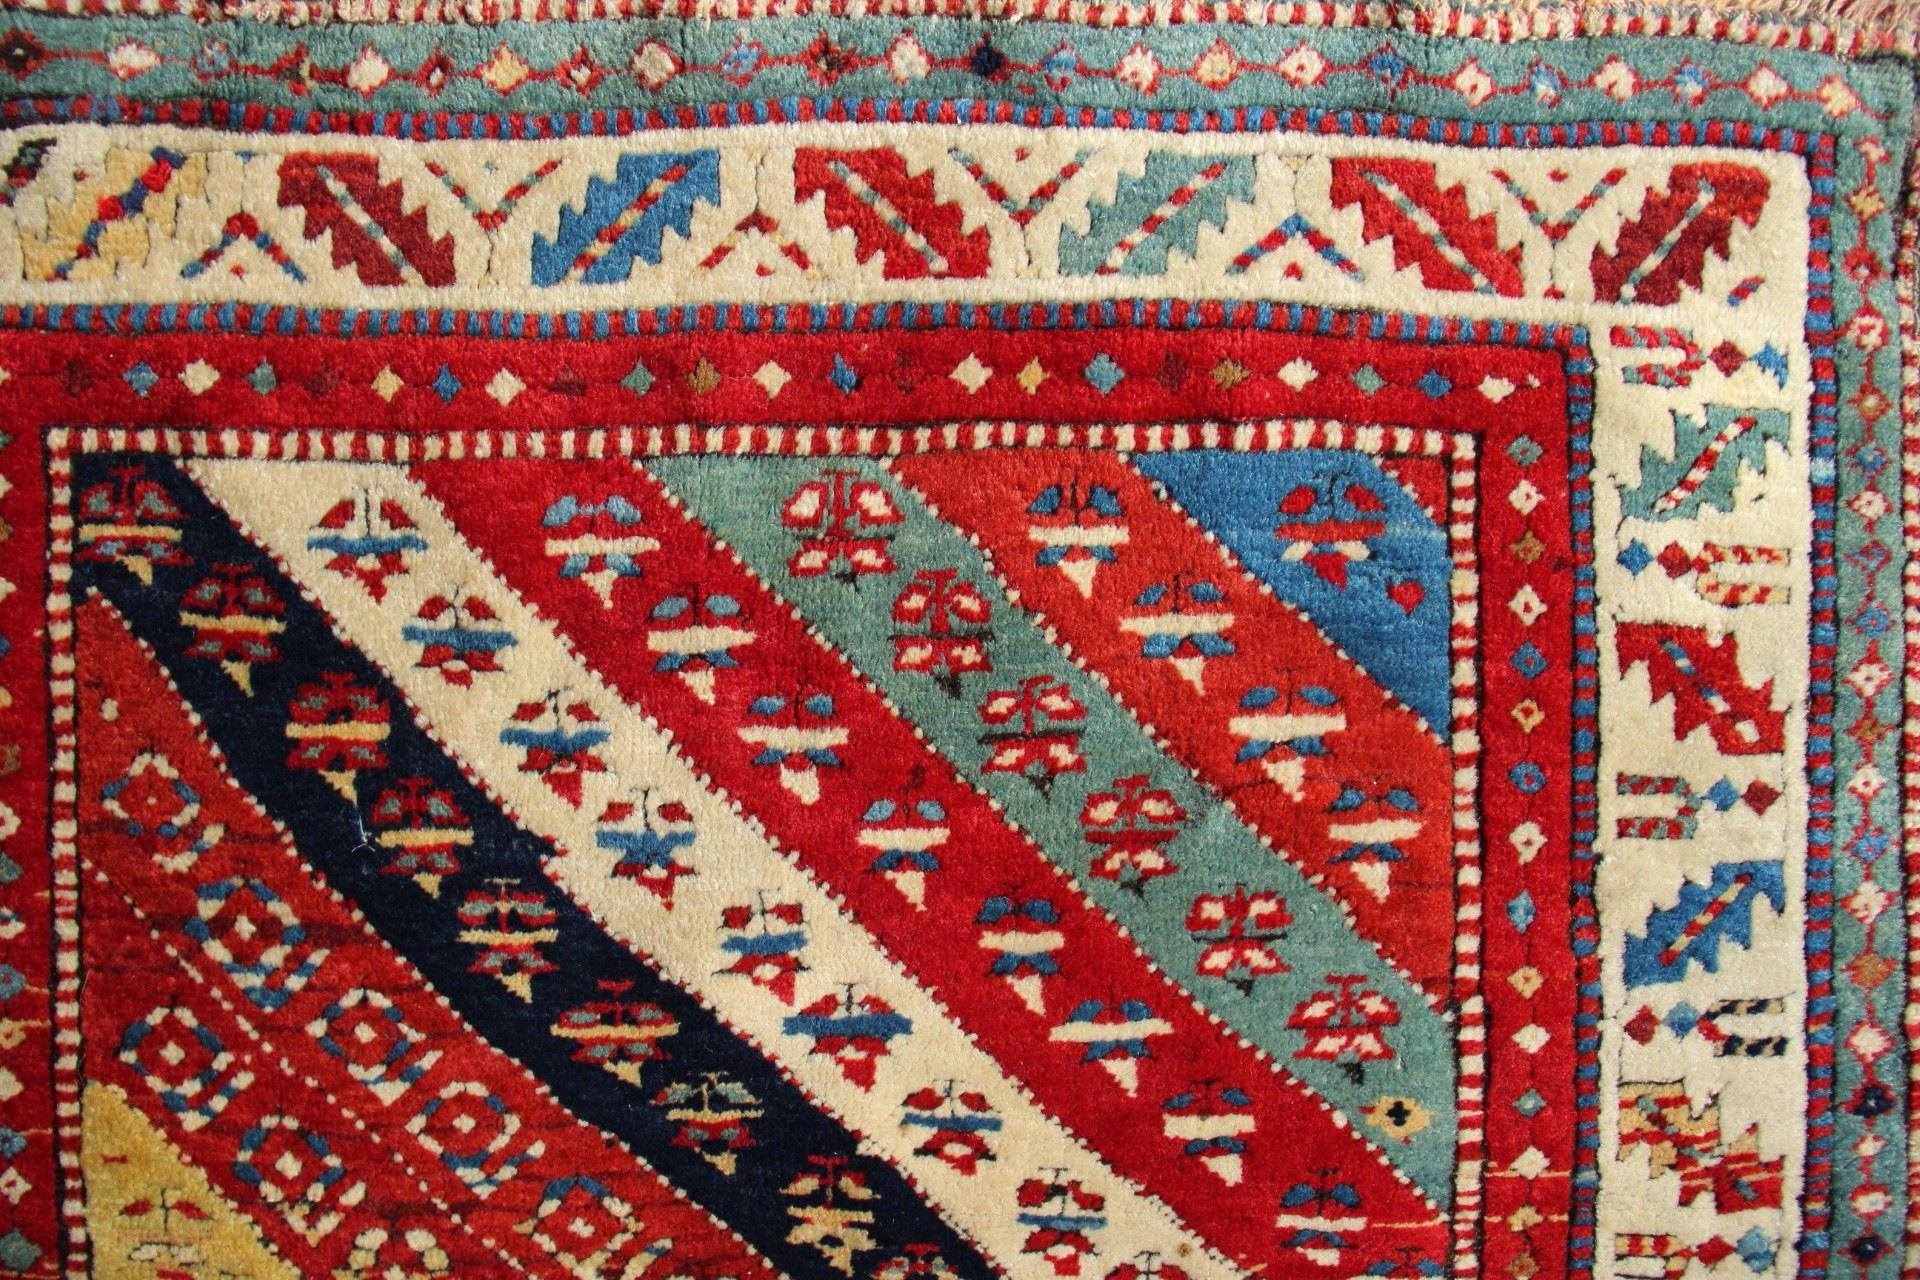 Kazak region long rug, west Caucasus, 19th century. James Cohen, London